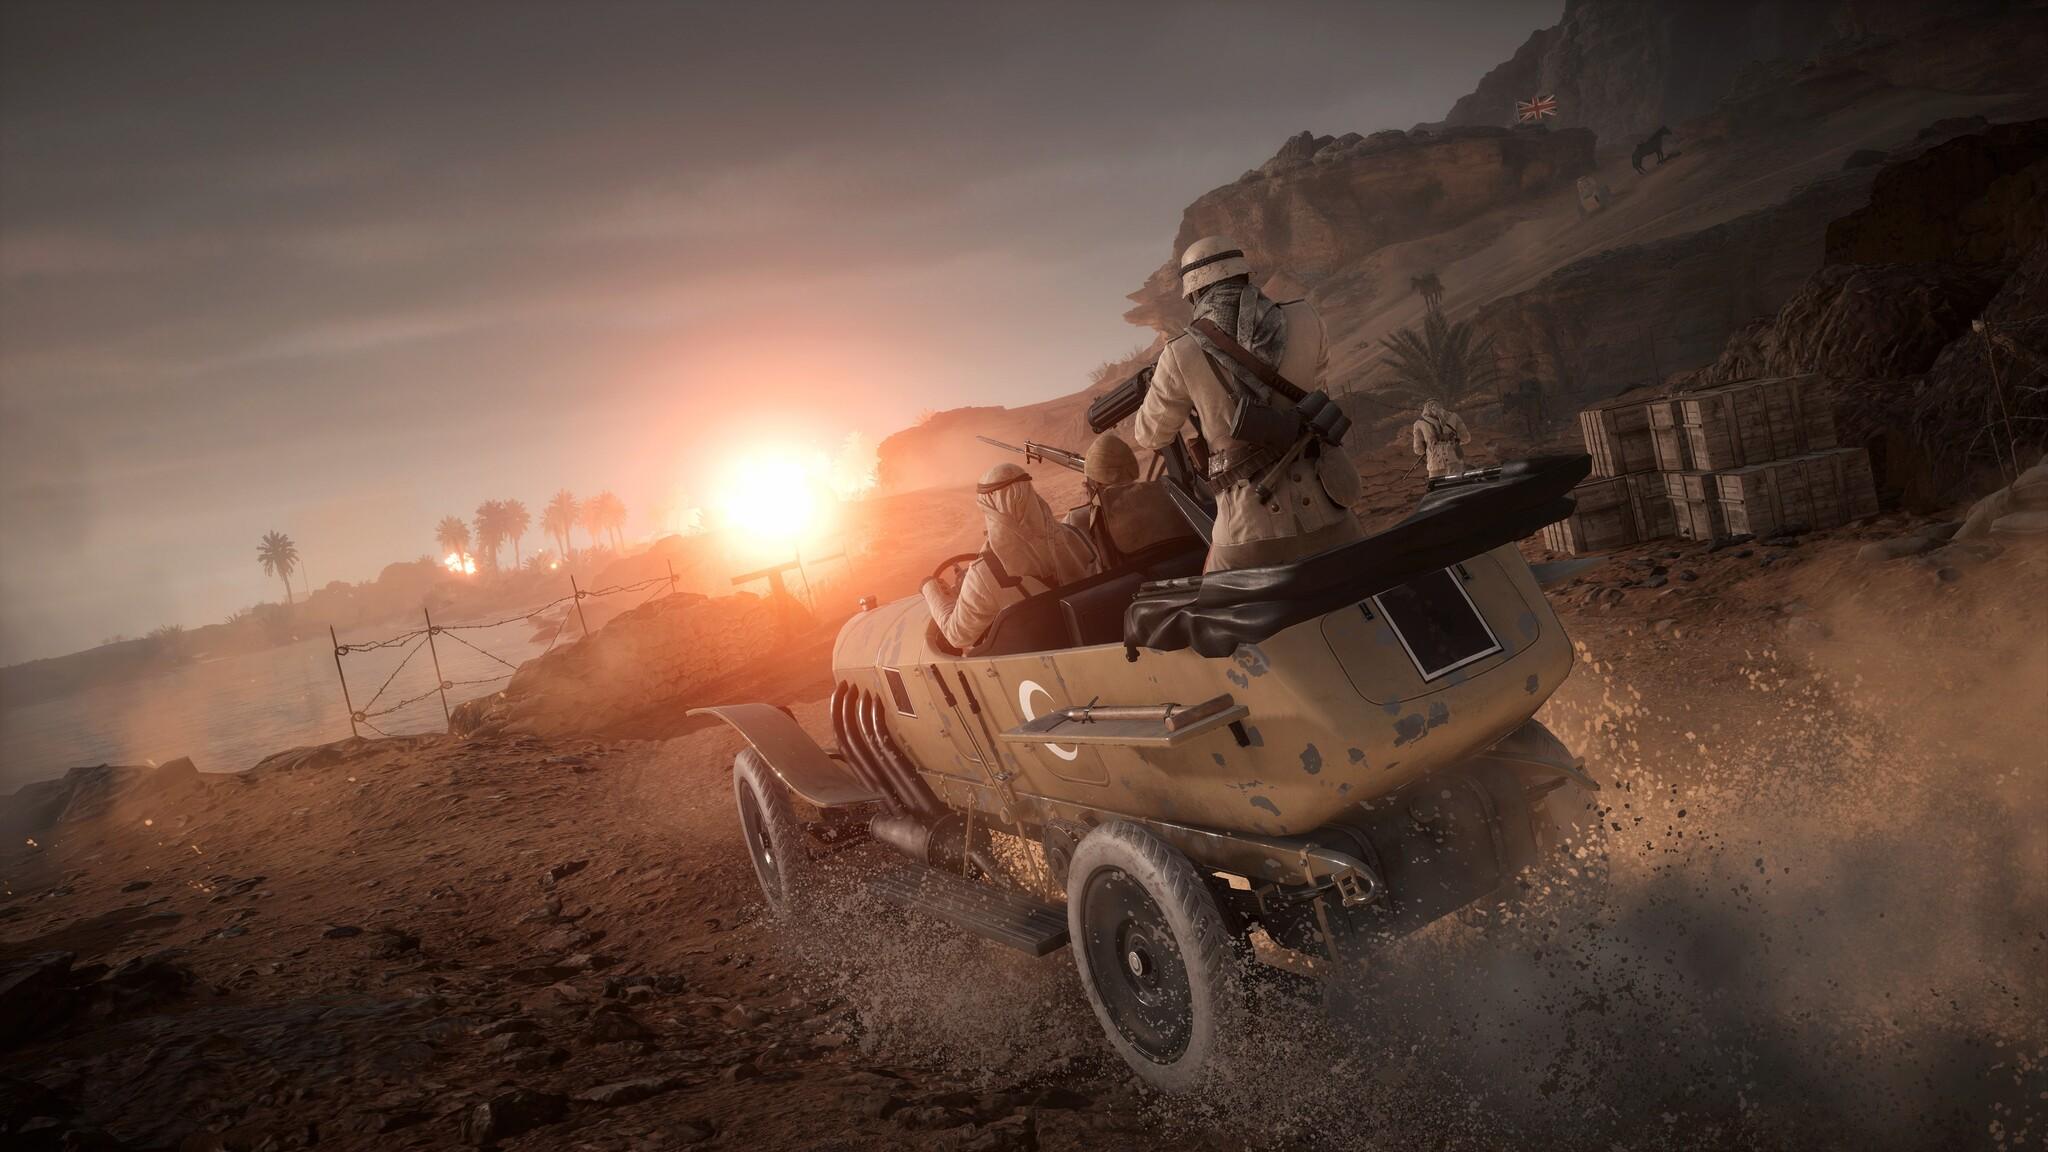 2048x1152 Battlefield 1 2016 4k 2048x1152 Resolution HD 4k